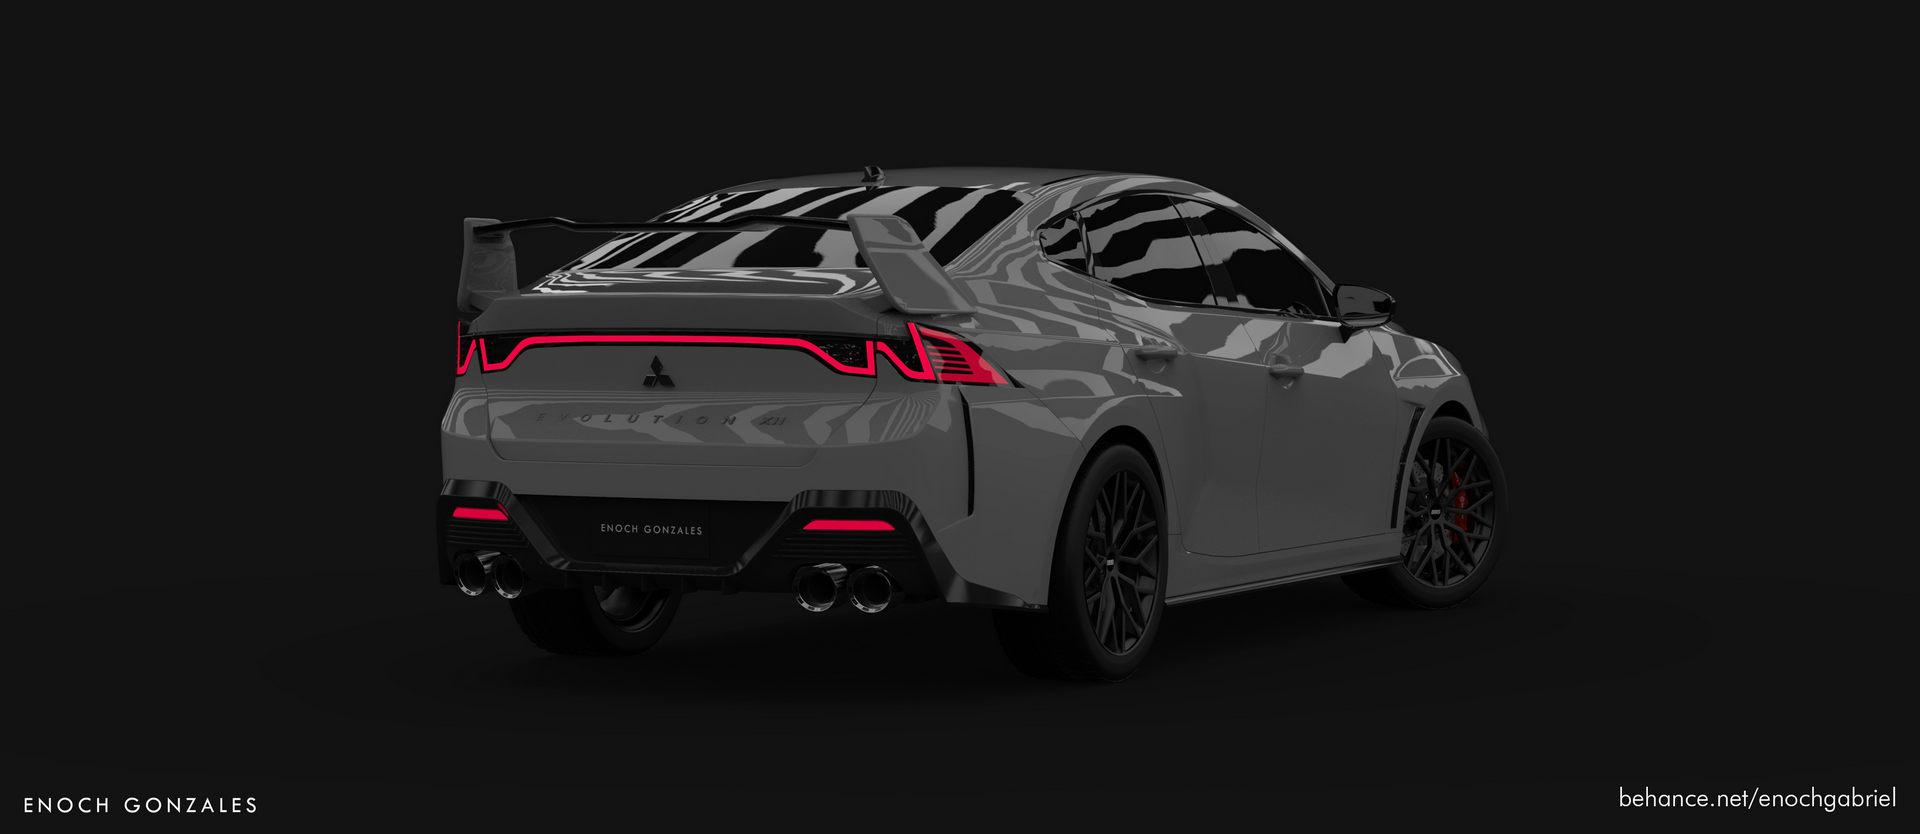 Mitsubishi-Lancer-Evo-XII-renderings-40